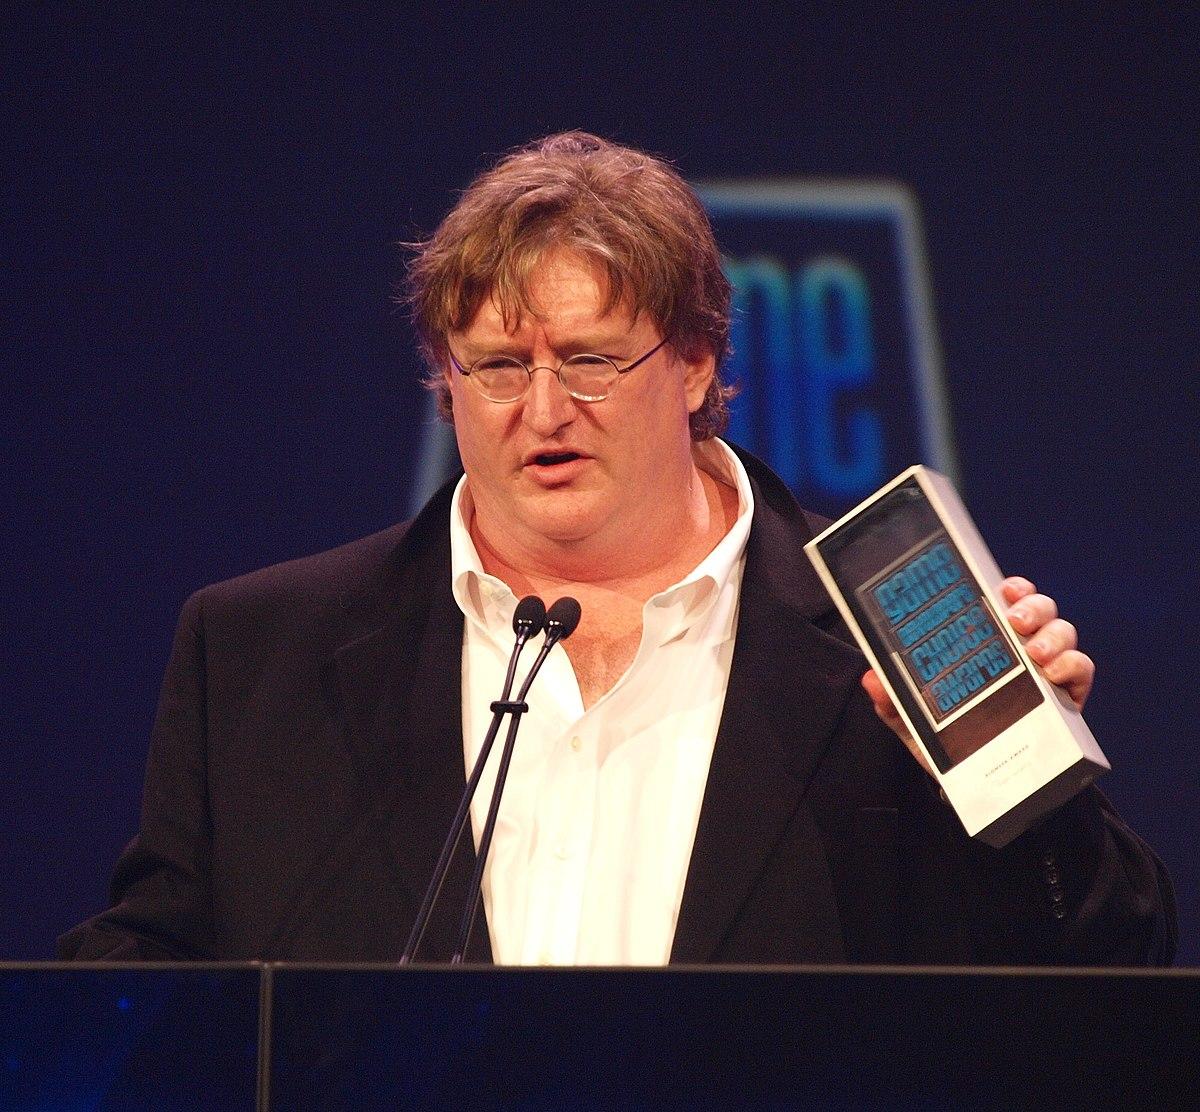 Gabe Newell - Wikipedia